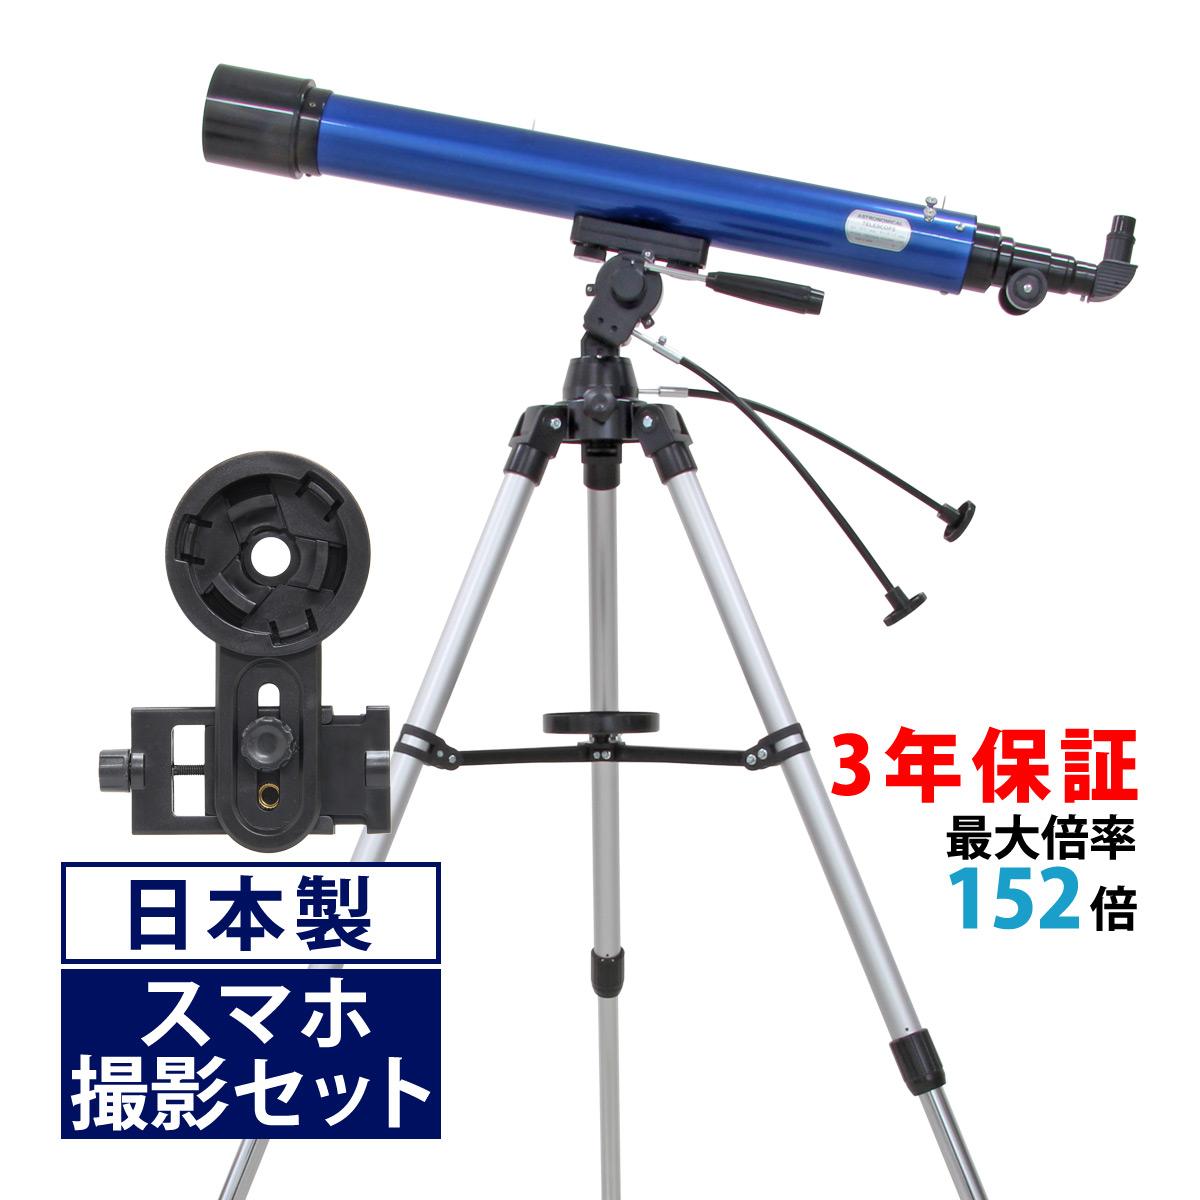 天体望遠鏡 スマホ 初心者 リゲル80 日本製